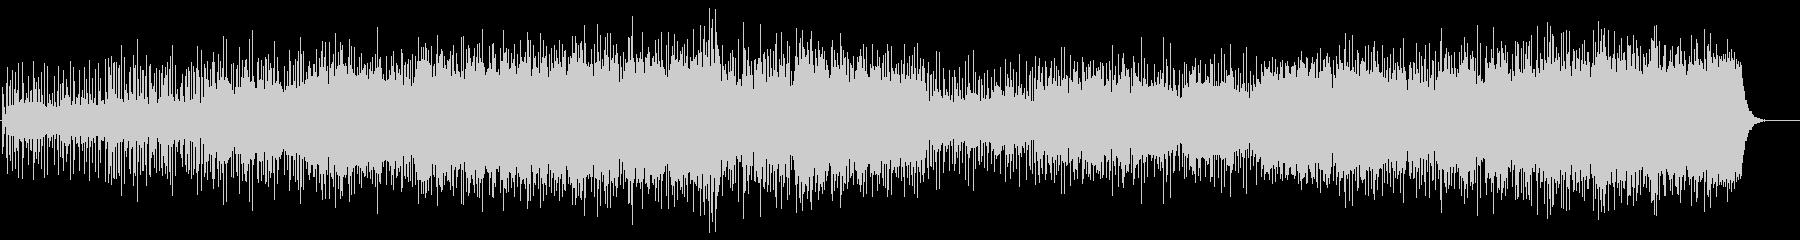 紀行向けBGM(遥かなる大地)の未再生の波形